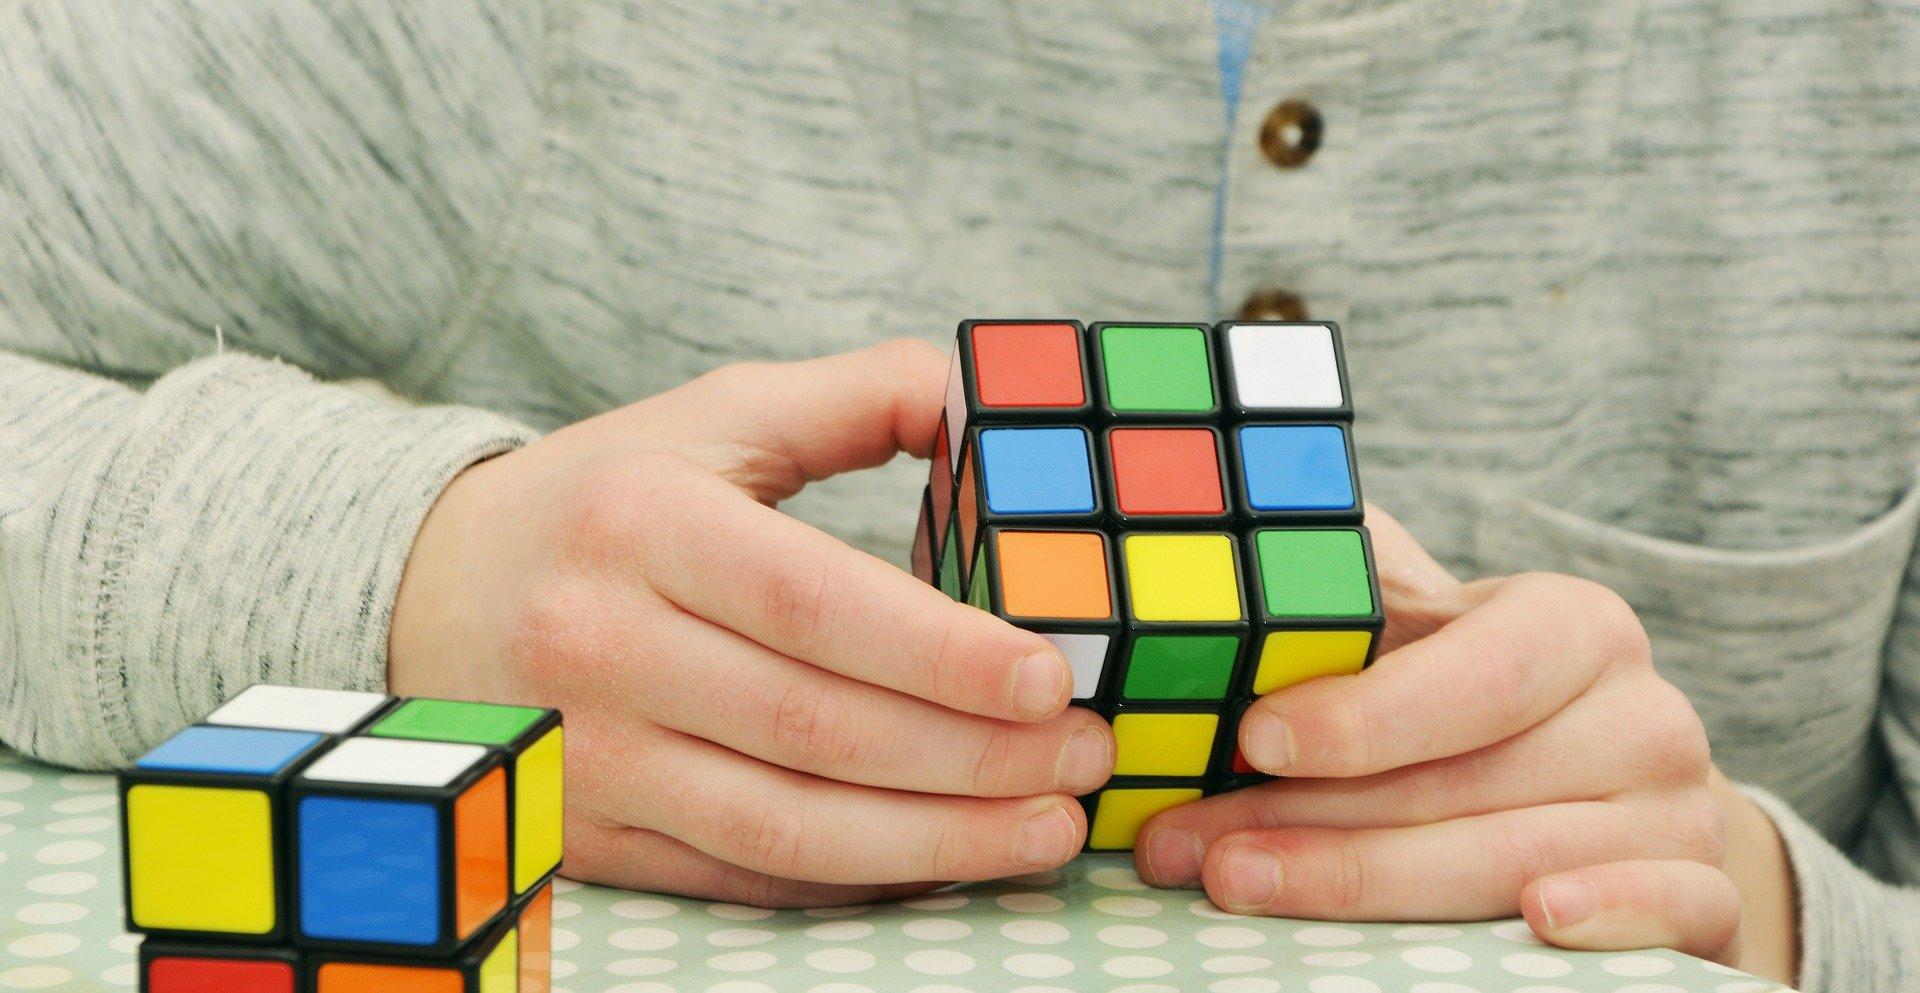 Mozek je vhodné procvičovat hraním her a luštěním